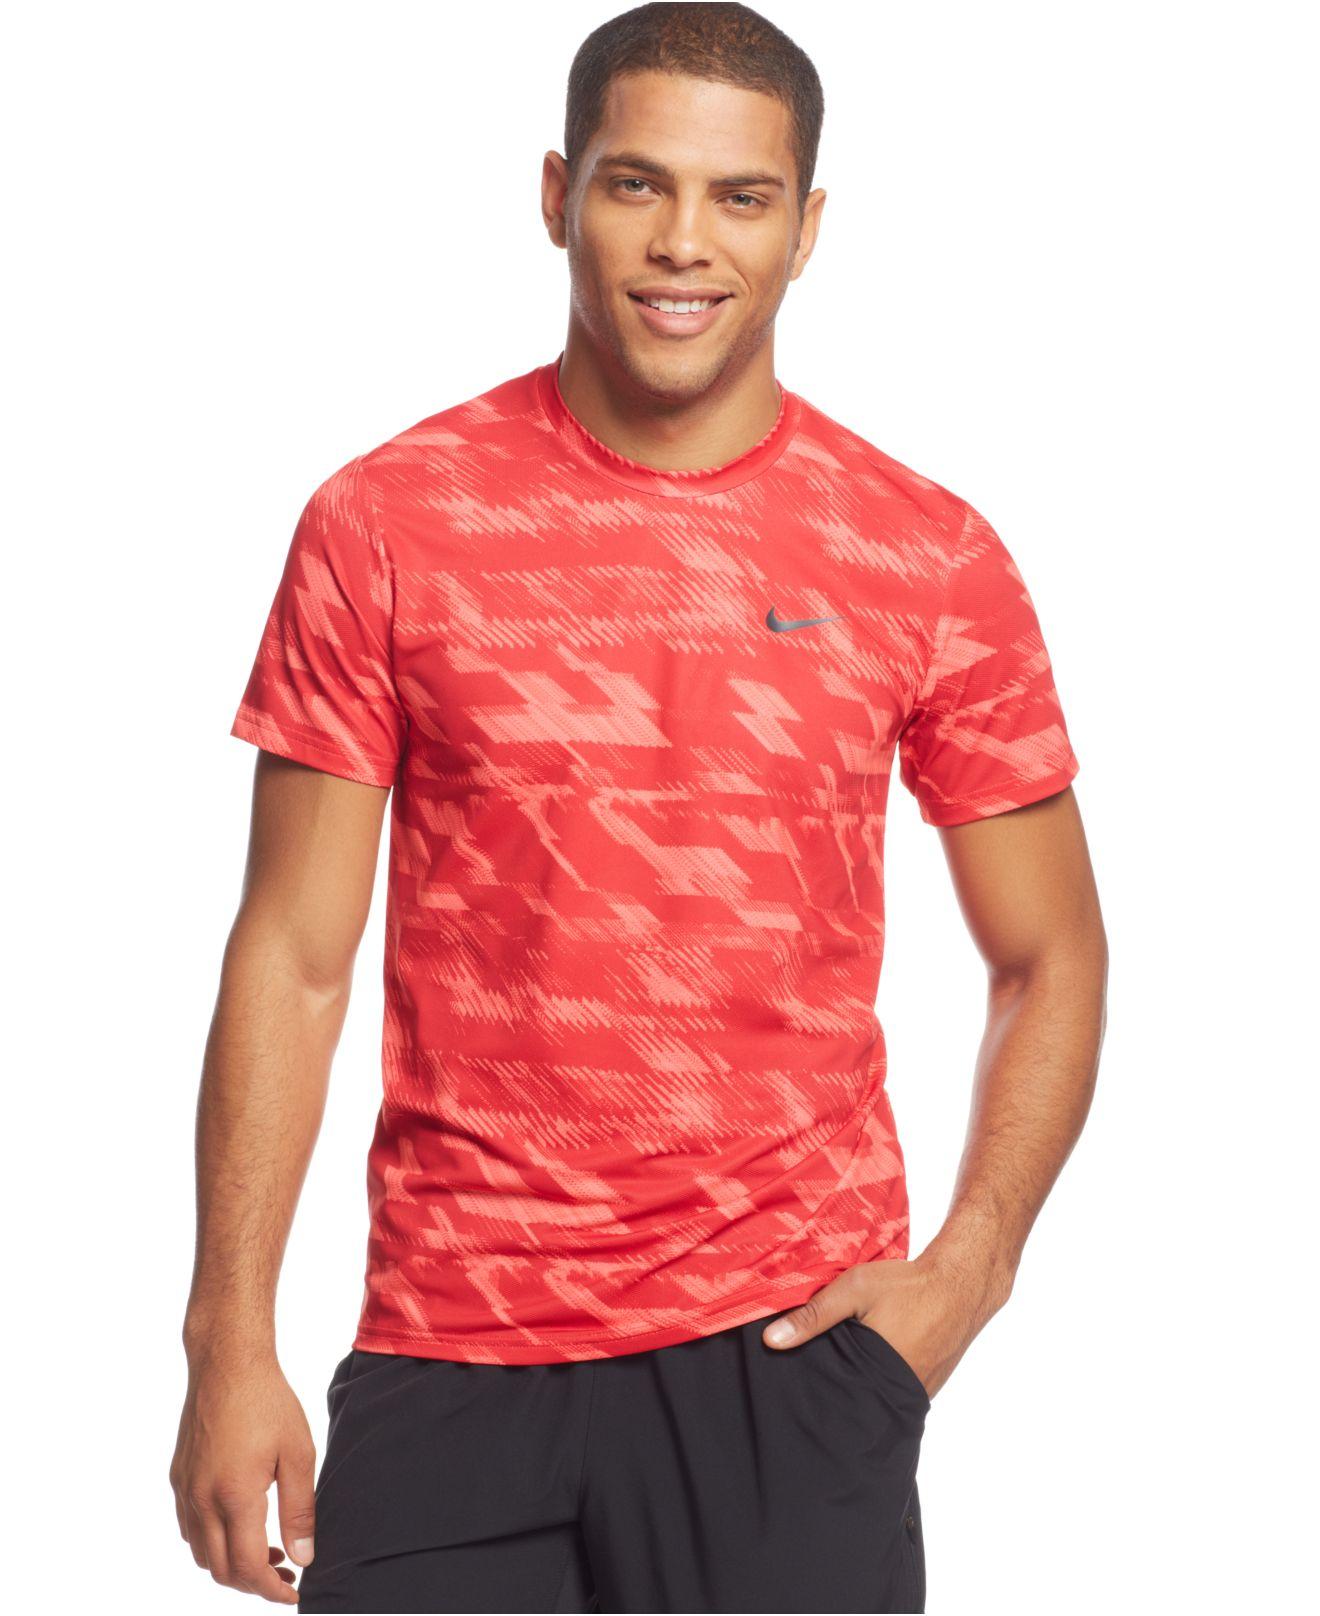 Custom Printed Nike Dri Fit Shirts Bcd Tofu House